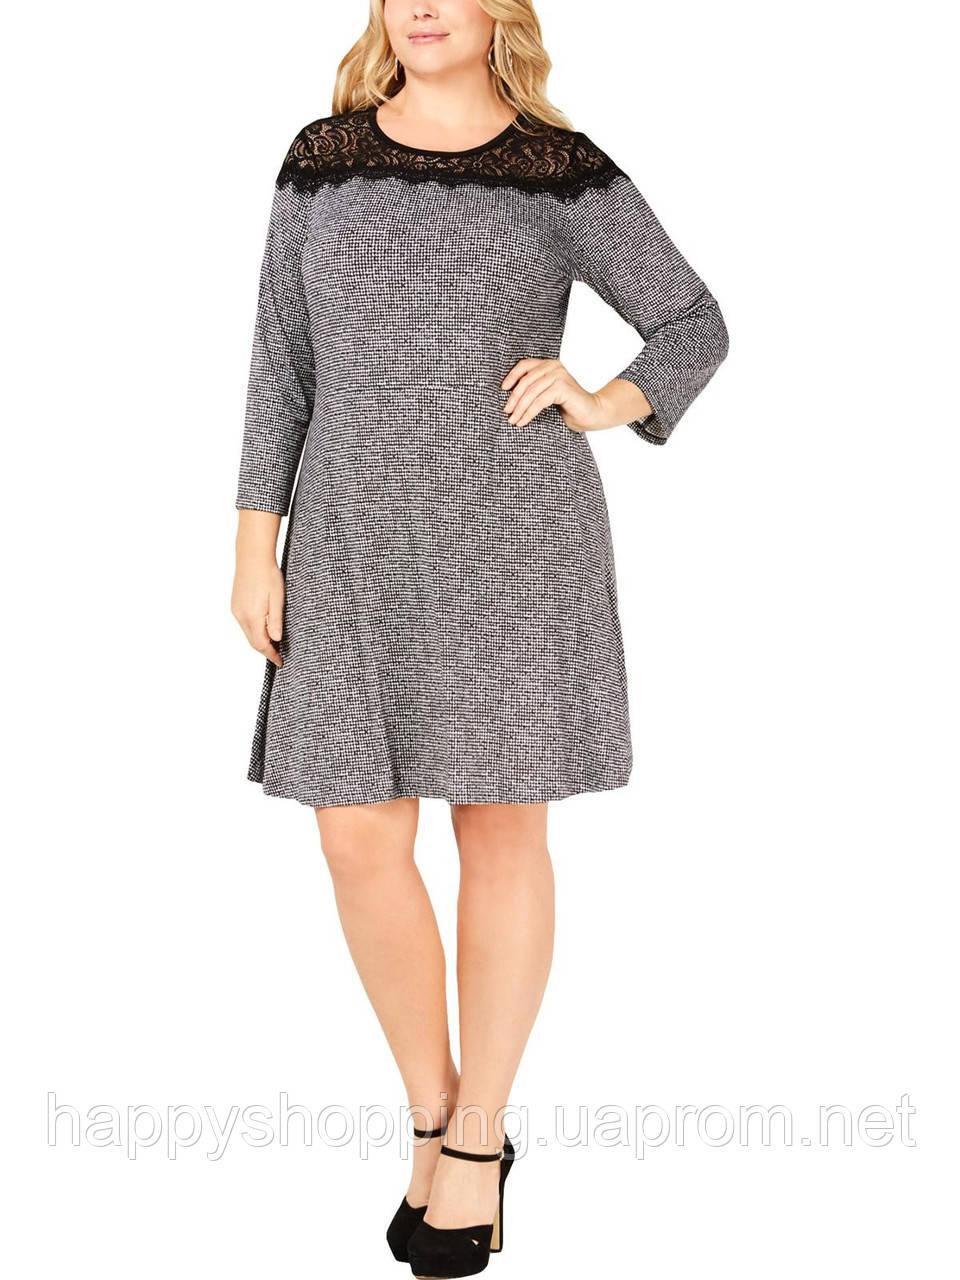 Женское черно-белое платье с ажурной вставкой Michael Kors